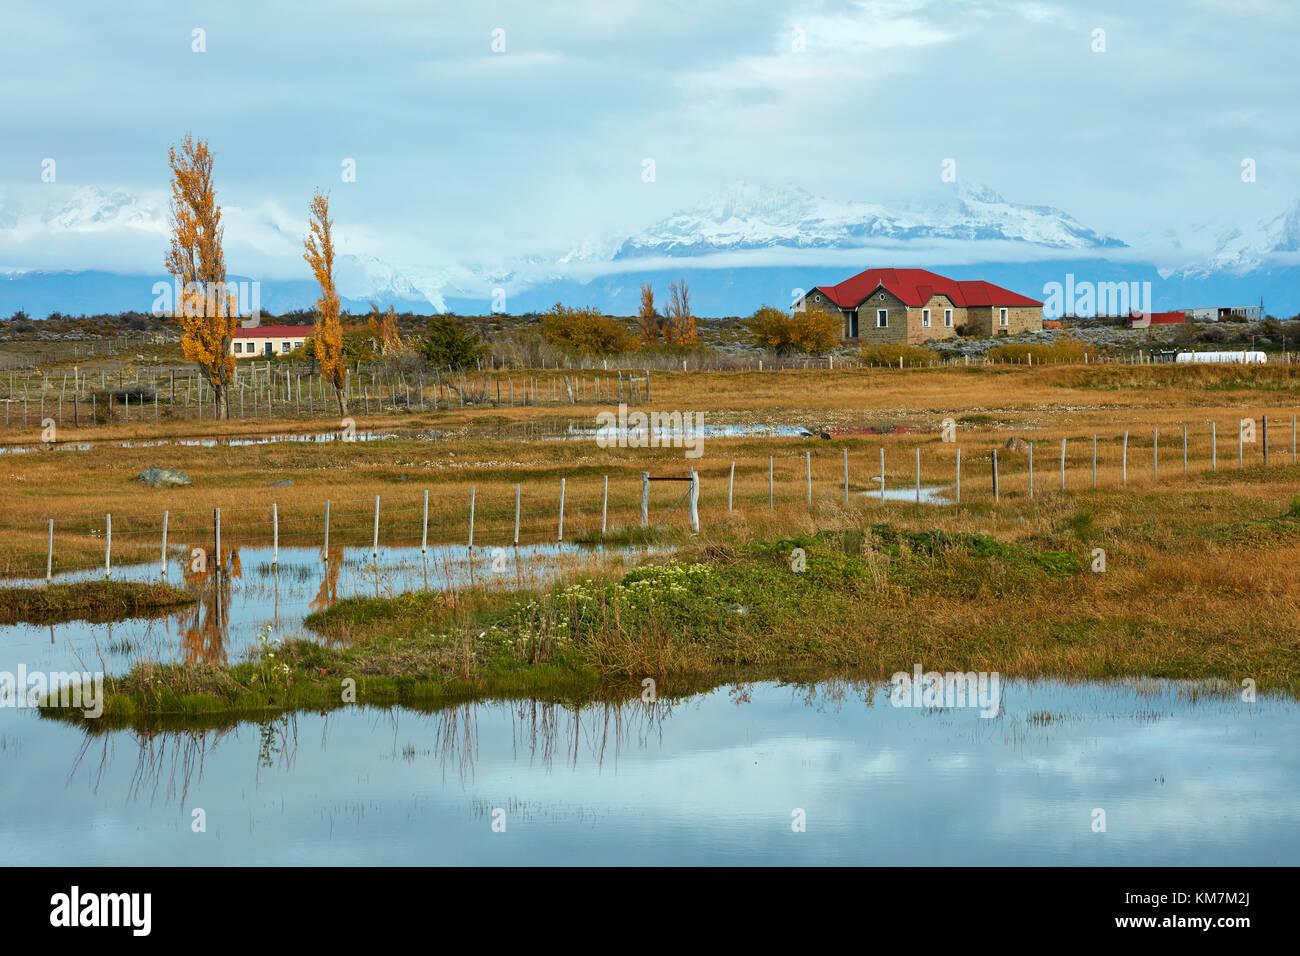 Bauernhaus und Berg in der Nähe von El Chalten, Patagonien, Argentinien, Südamerika Stockbild